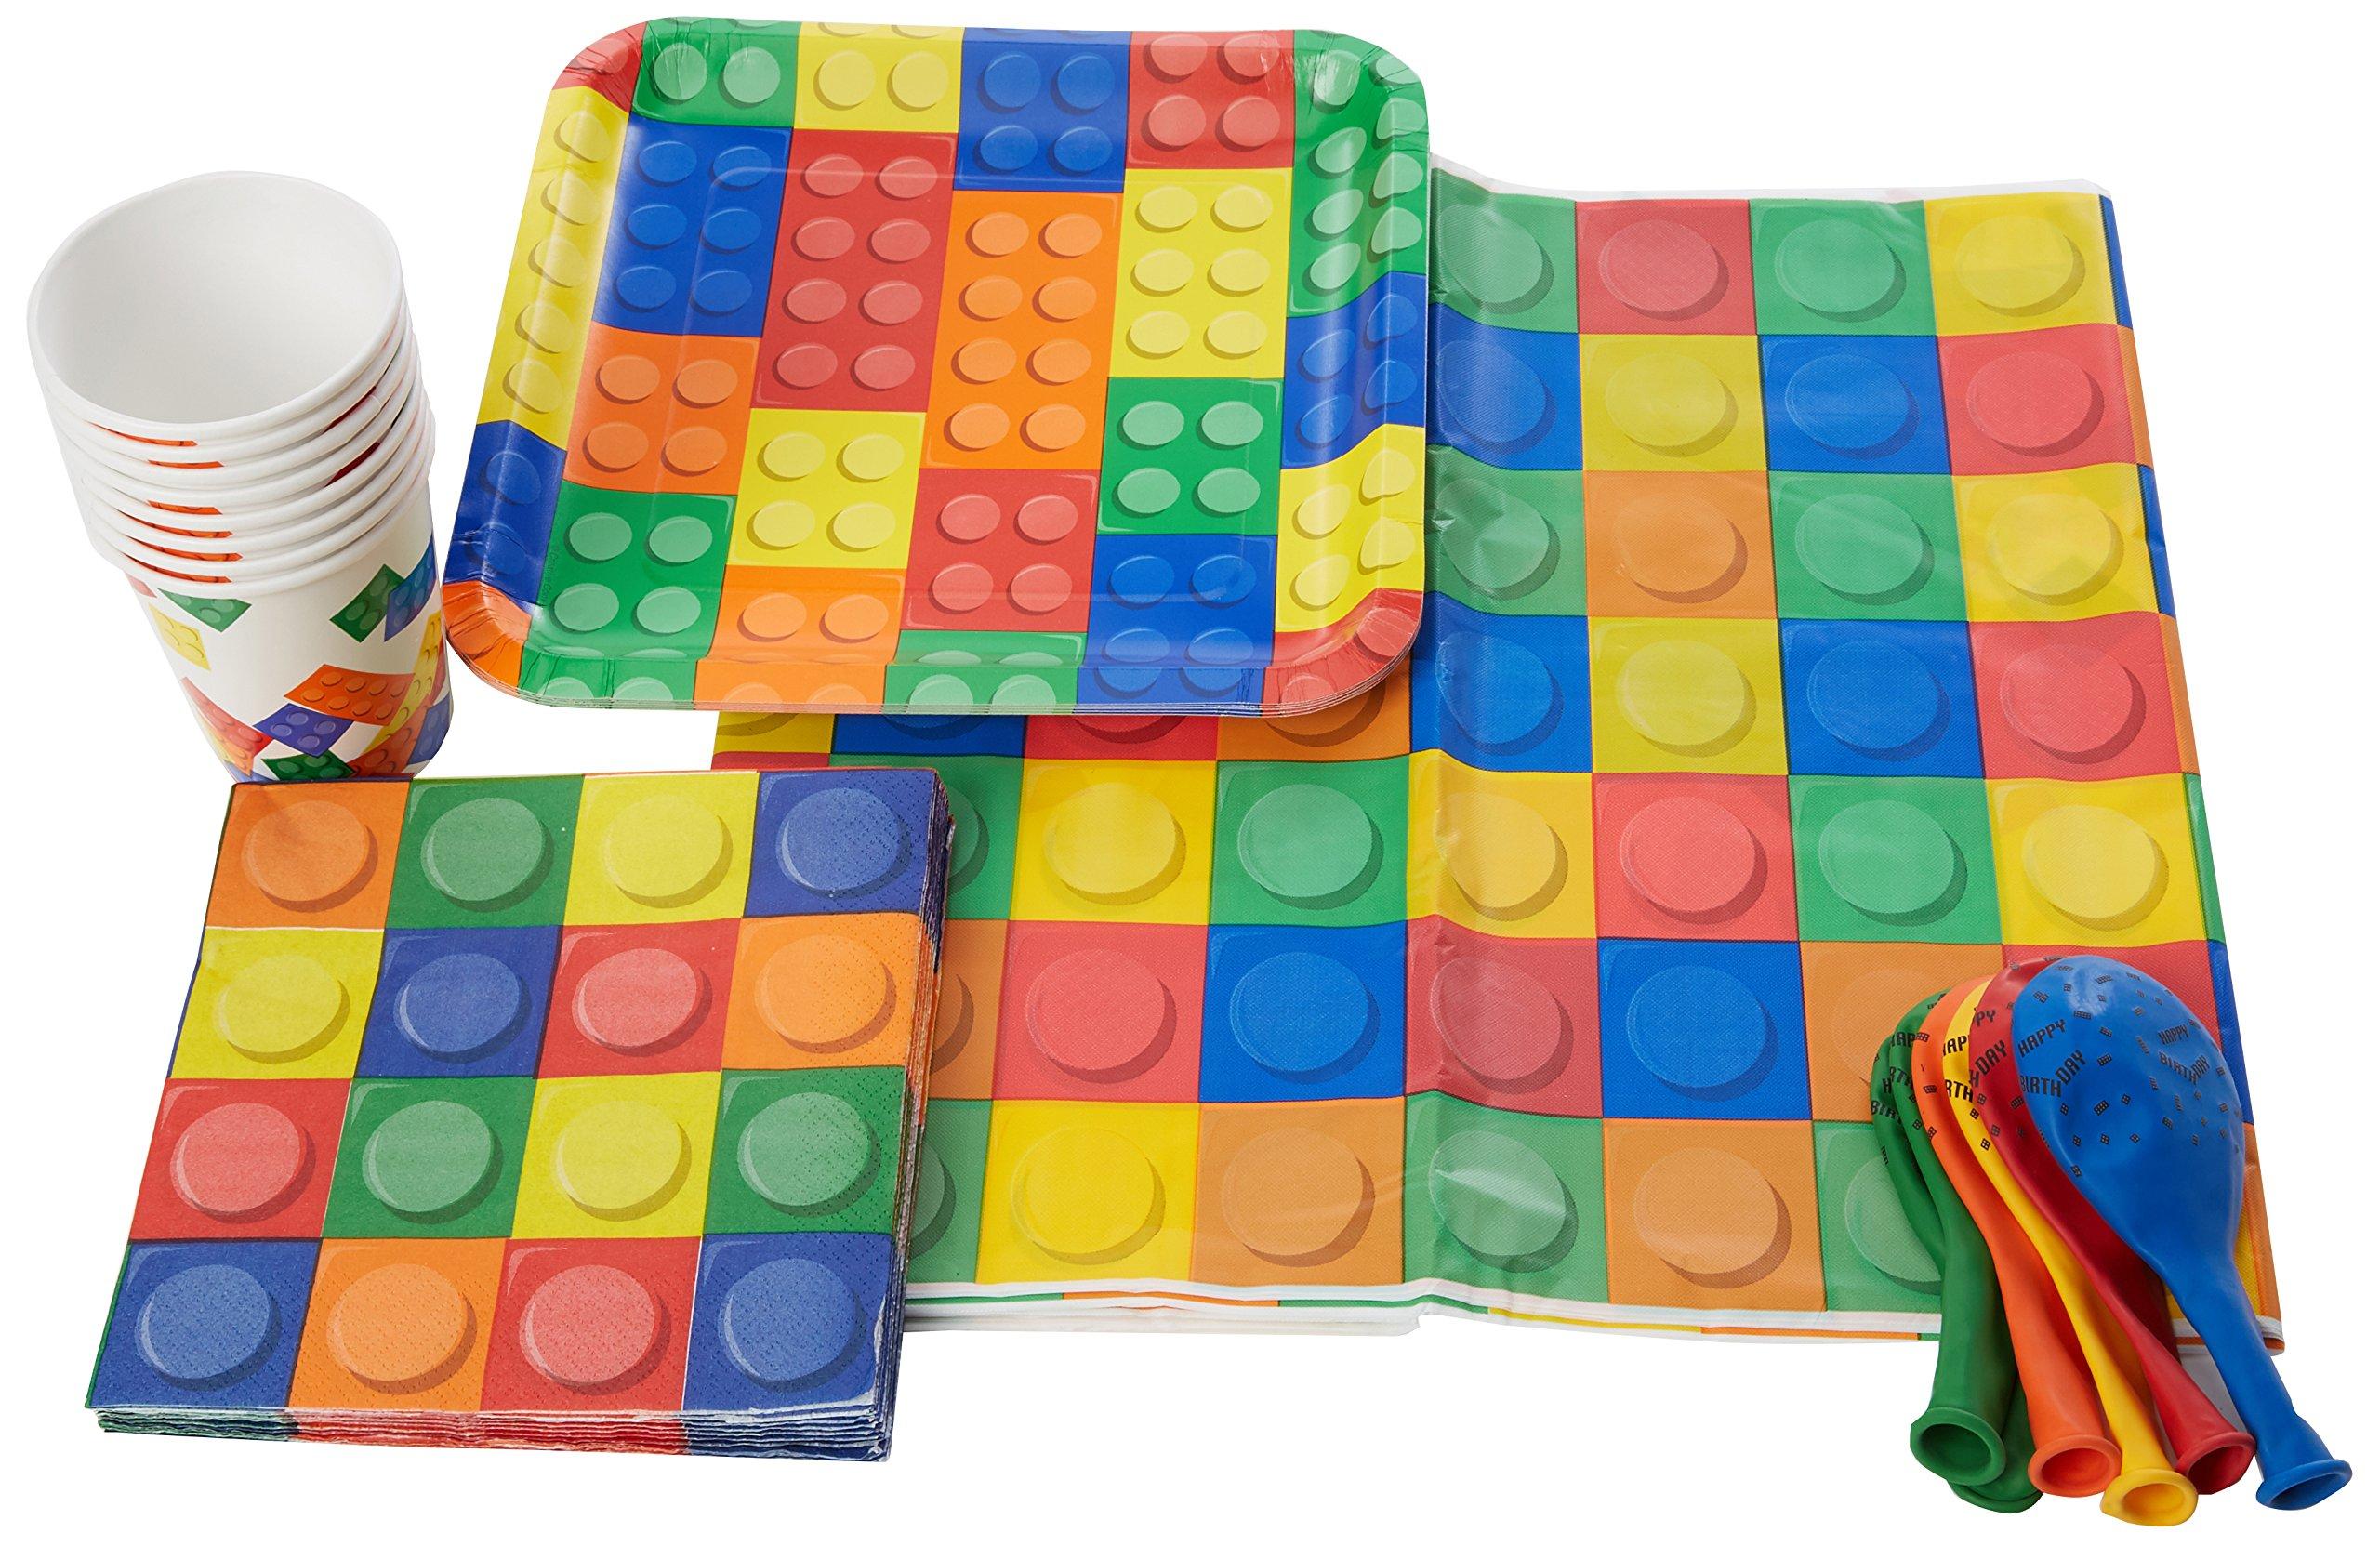 Creative Party bpwfa-4176 Block Party Juego de vajilla para 16 personas, incluye platos/tazas/servilletas/globos de látex/mesa cubre: Amazon.es: Juguetes y juegos